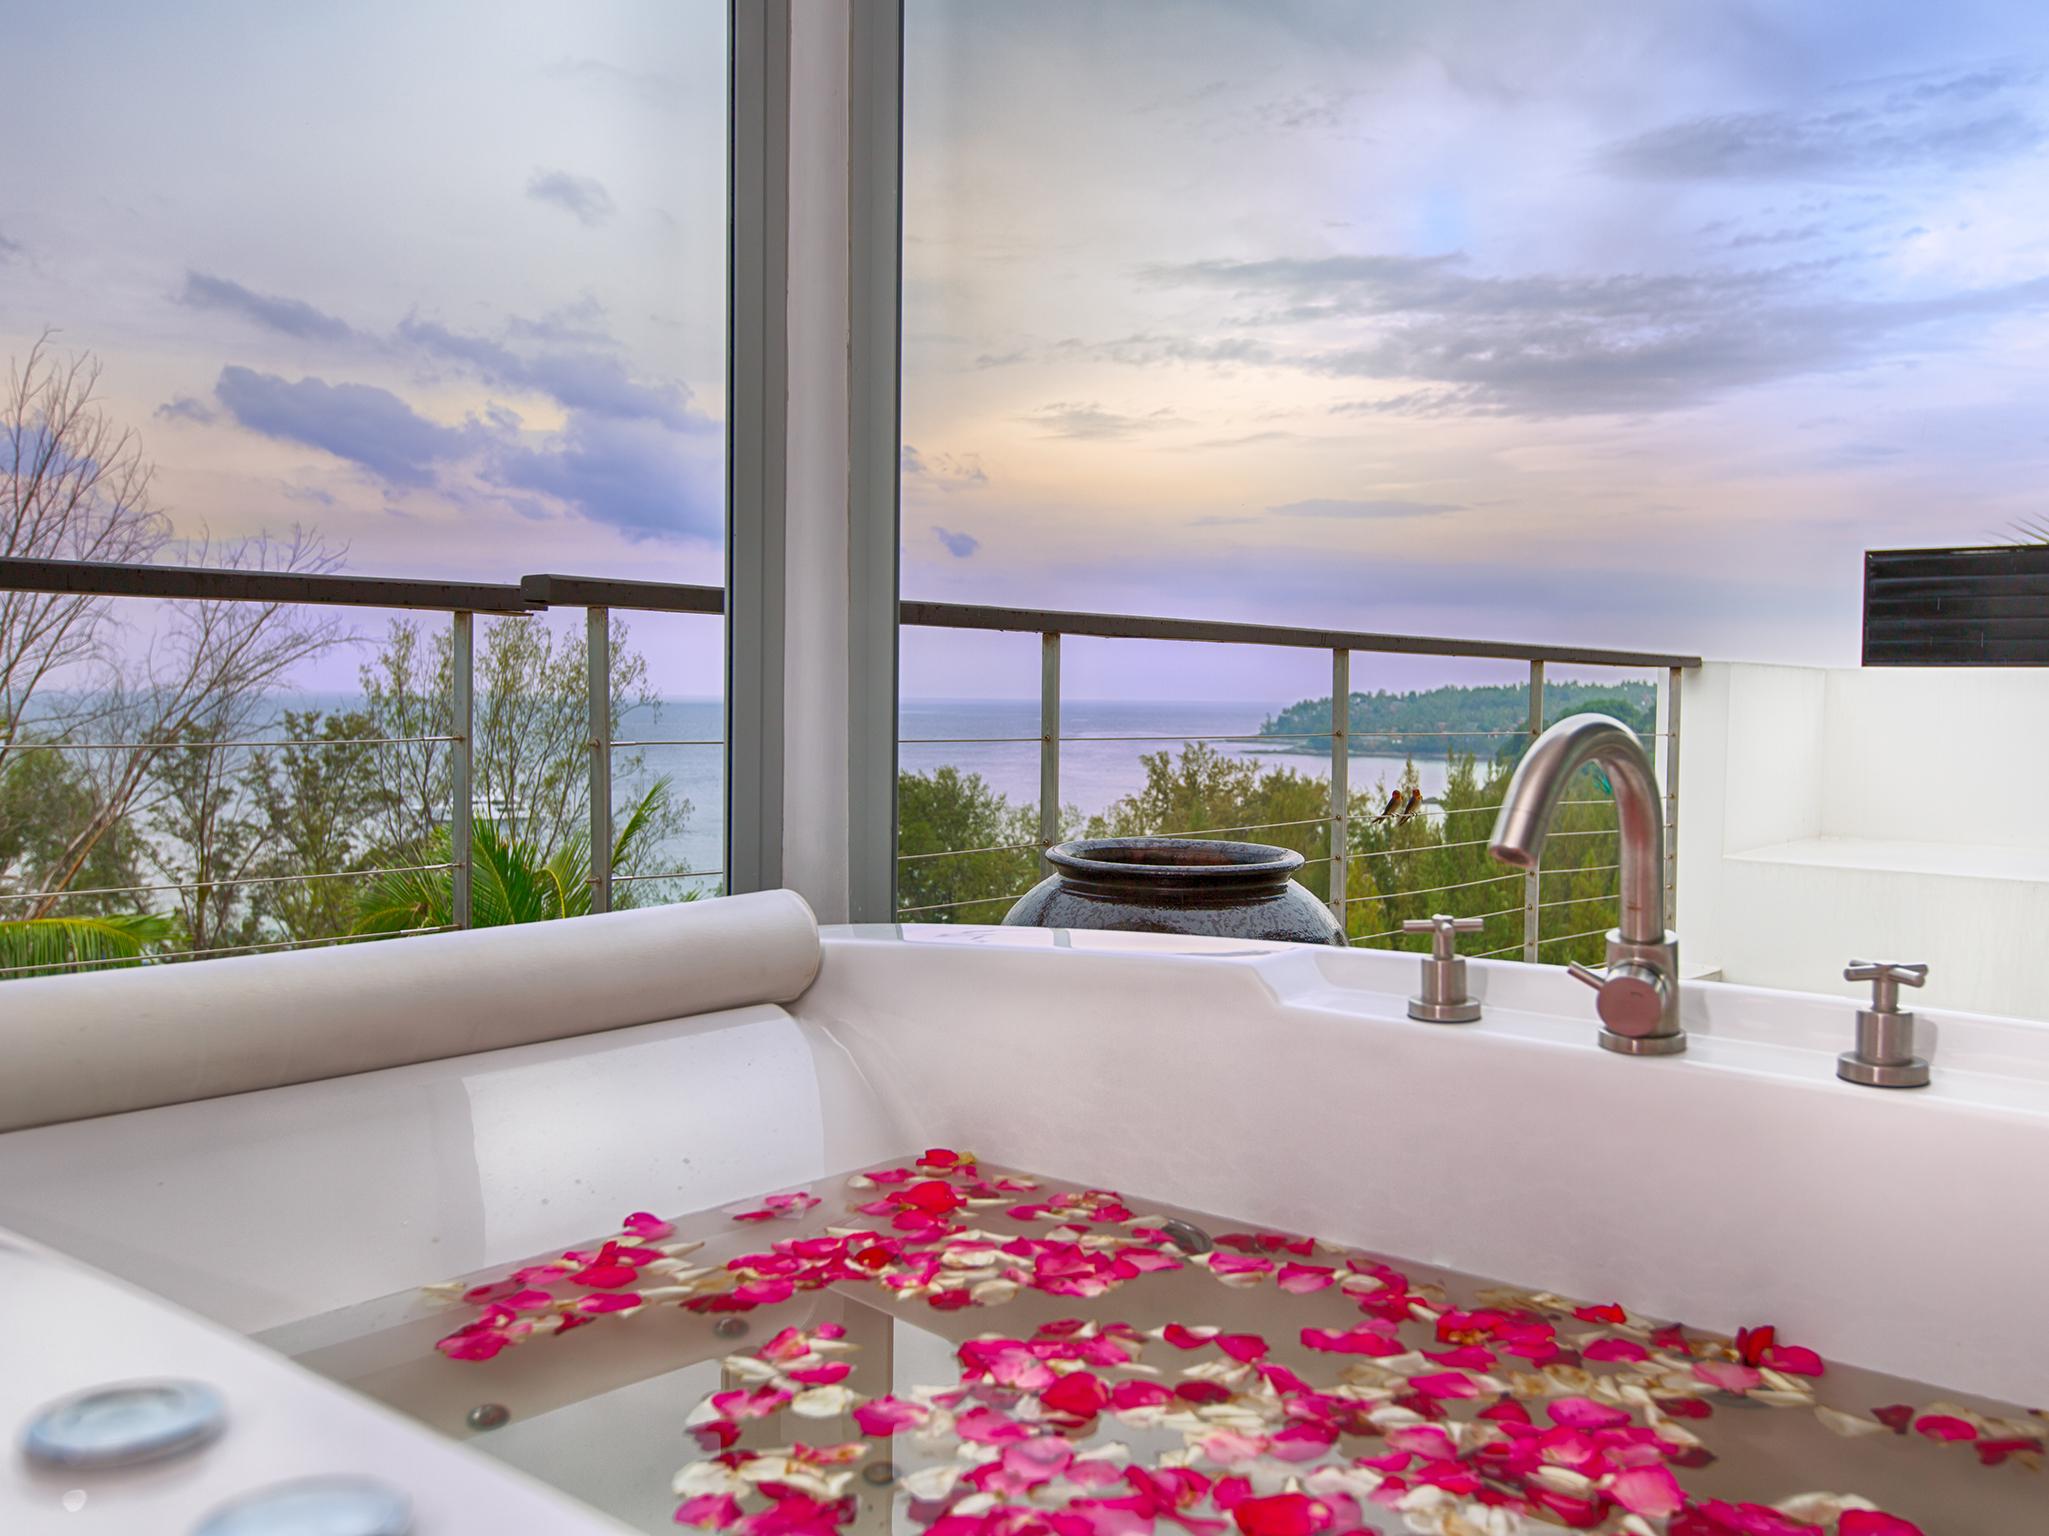 12-Villa Napalai Surin - Seaview from master bath.jpg